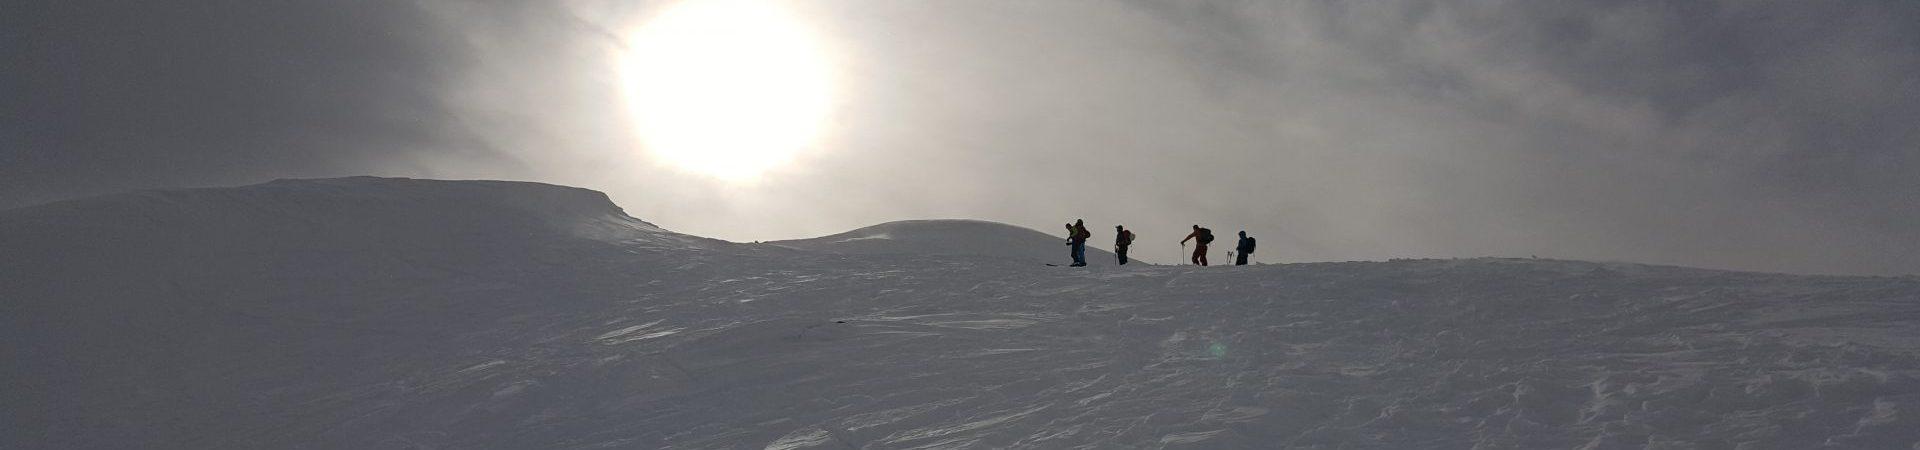 Splitfest in Val Müstair